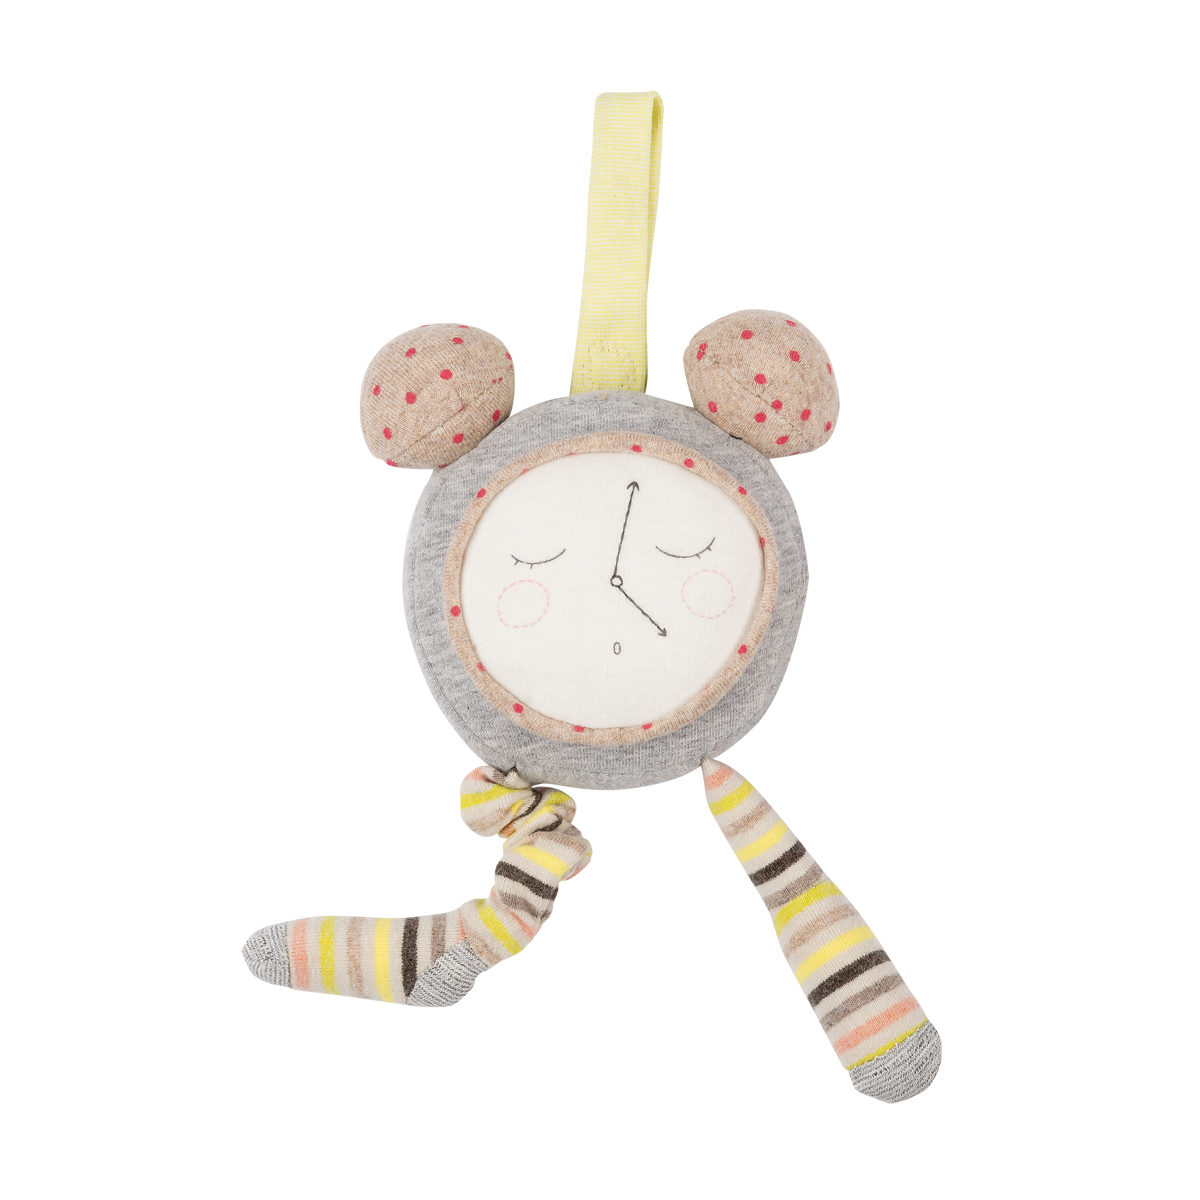 「プティ・ドゥードゥー」目覚まし時計のブルブル